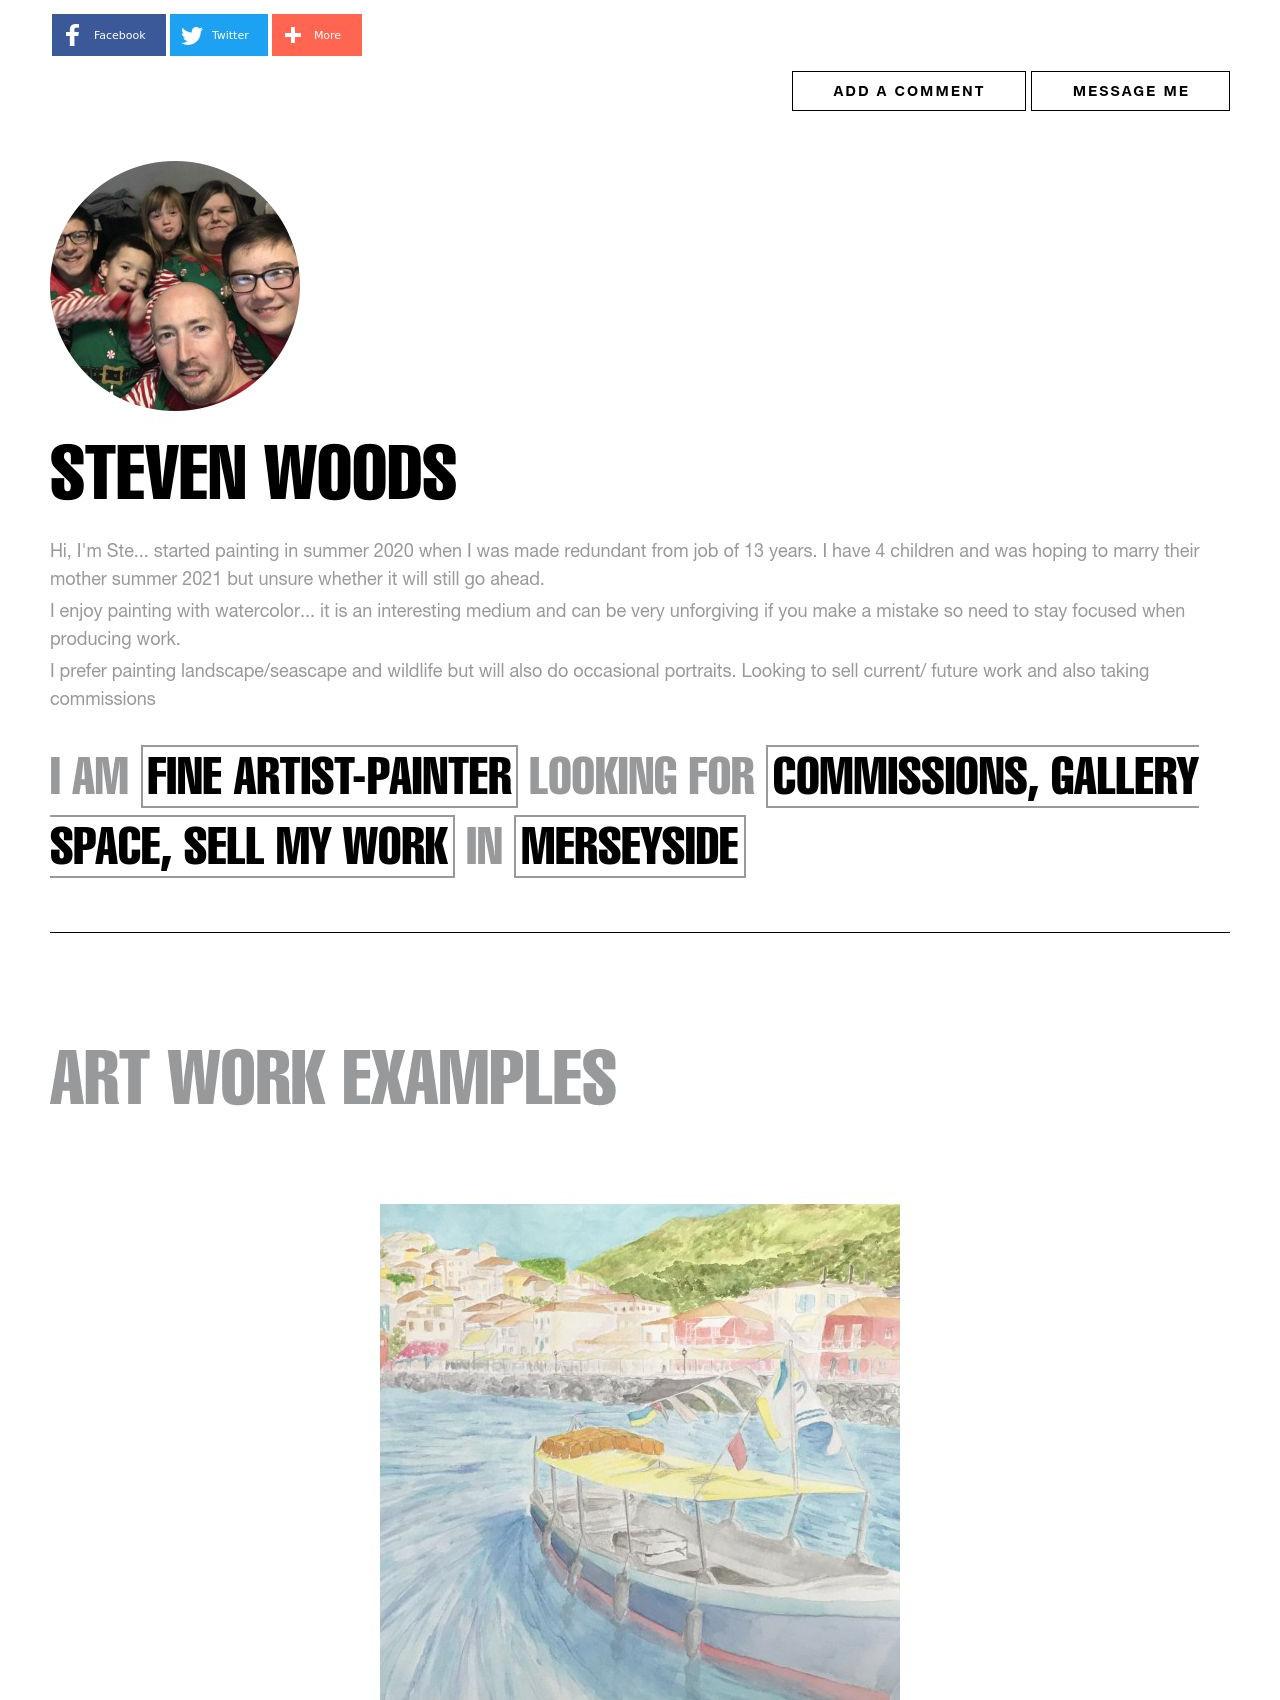 Steven Woods